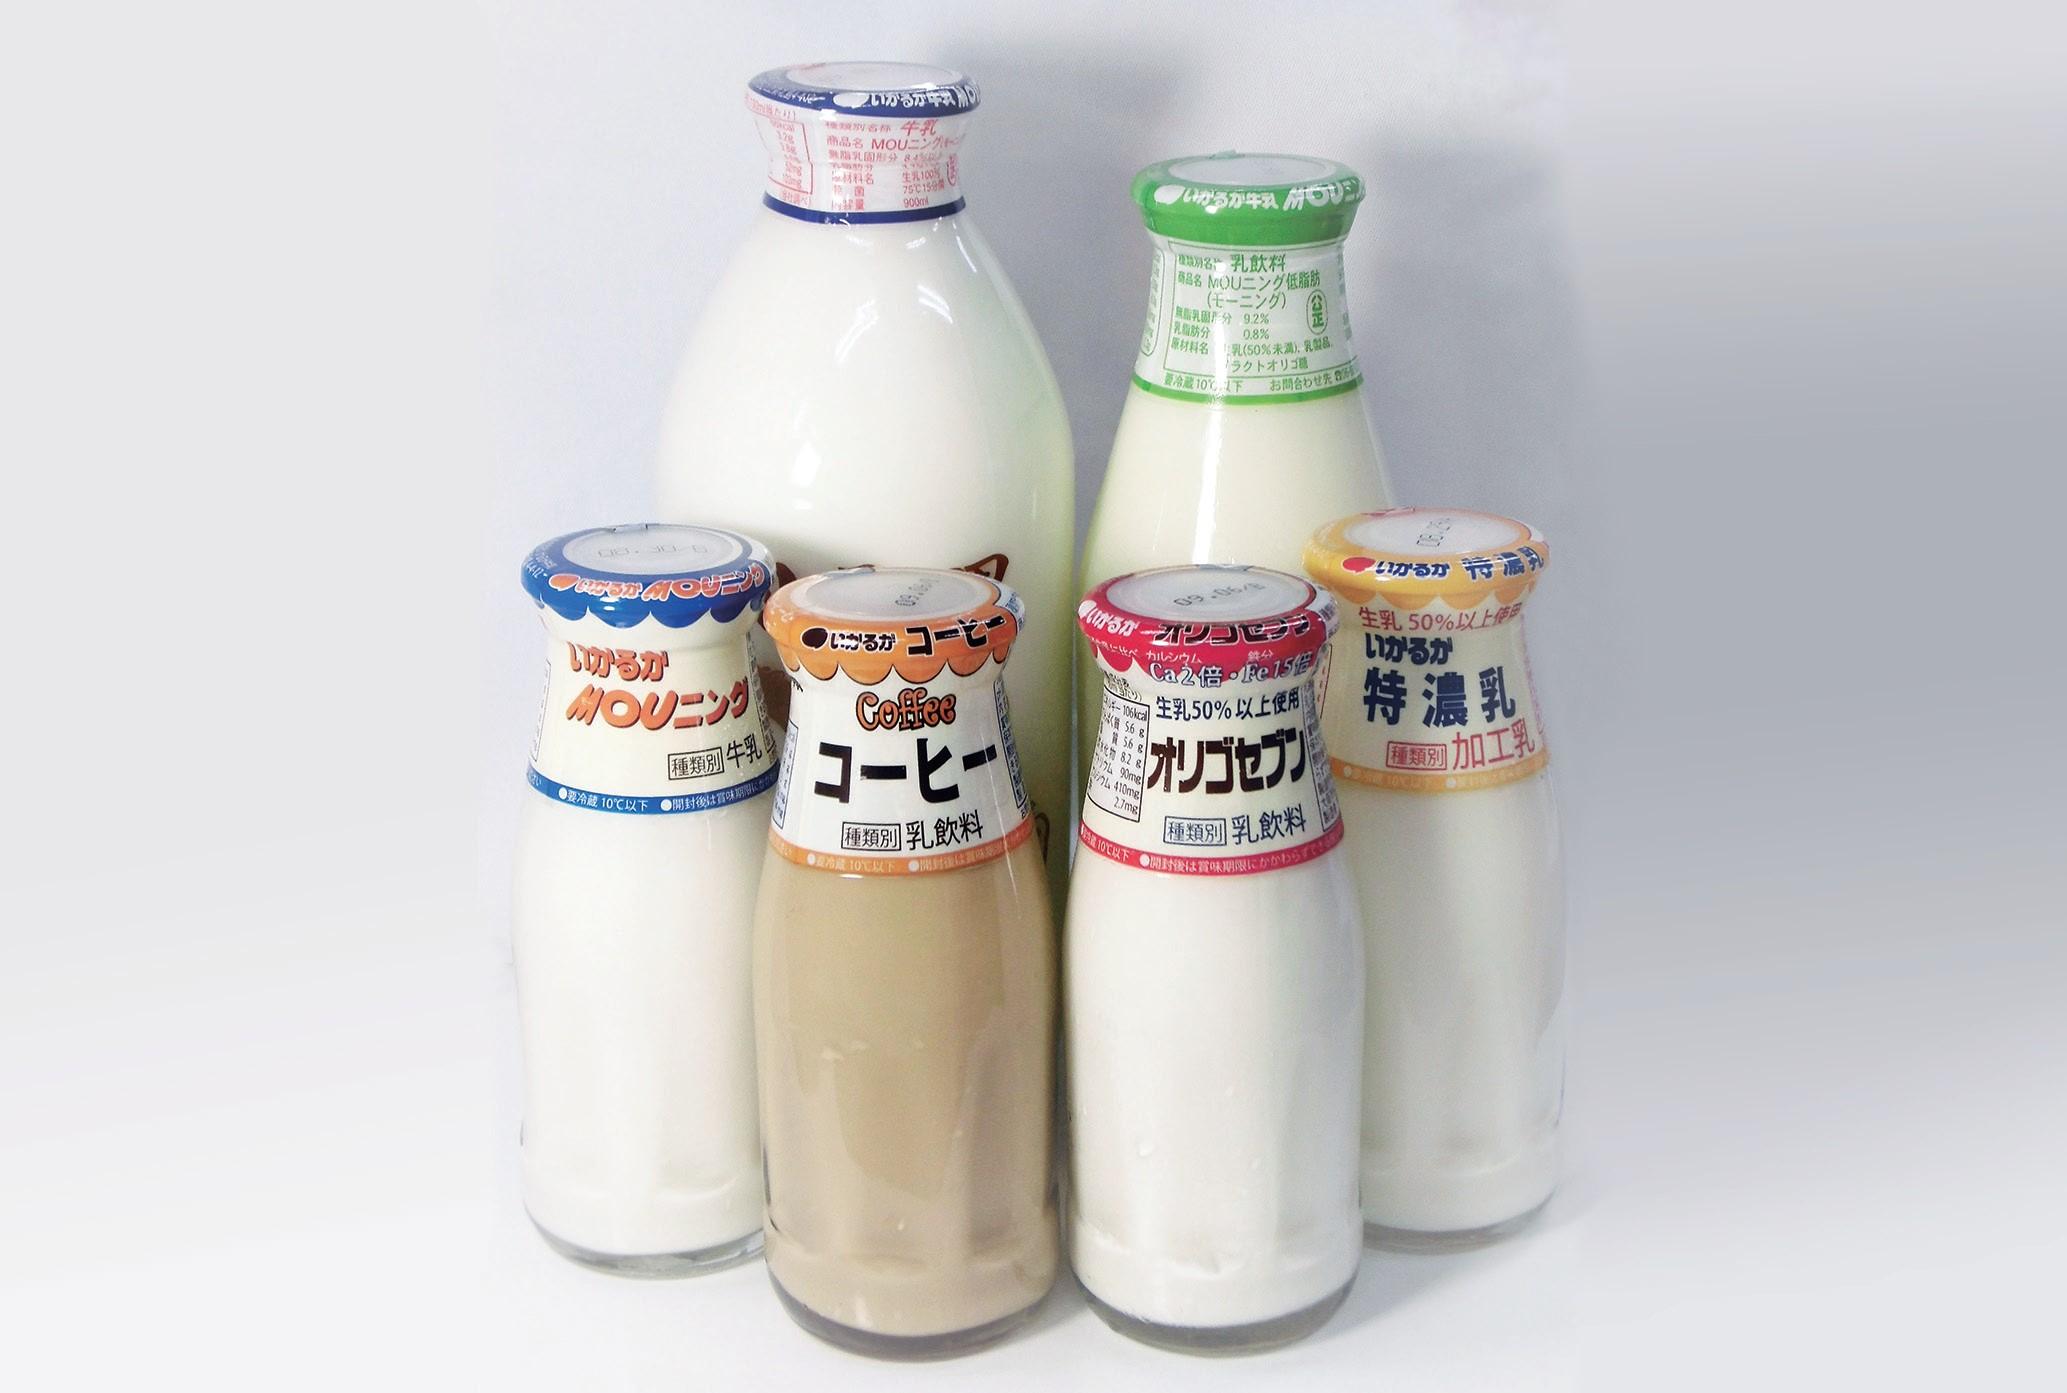 びん牛乳.jpg